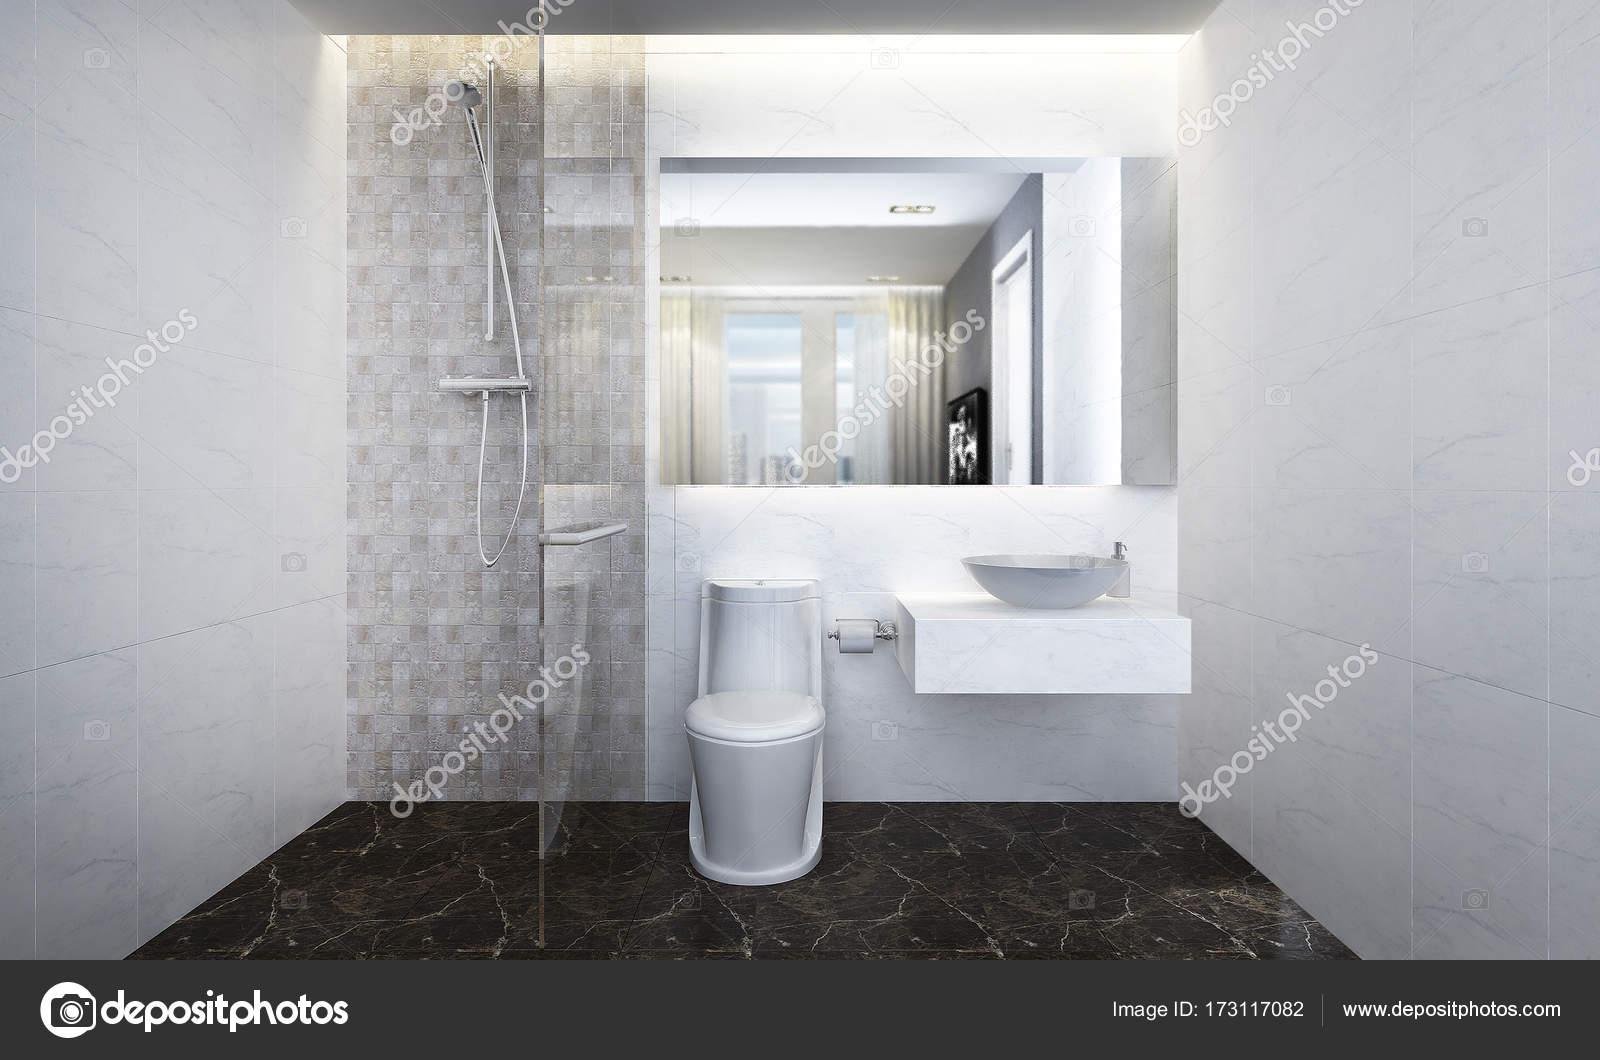 Nowoczesne Toalety I łazienki Zdjęcie Stockowe Teeraphan